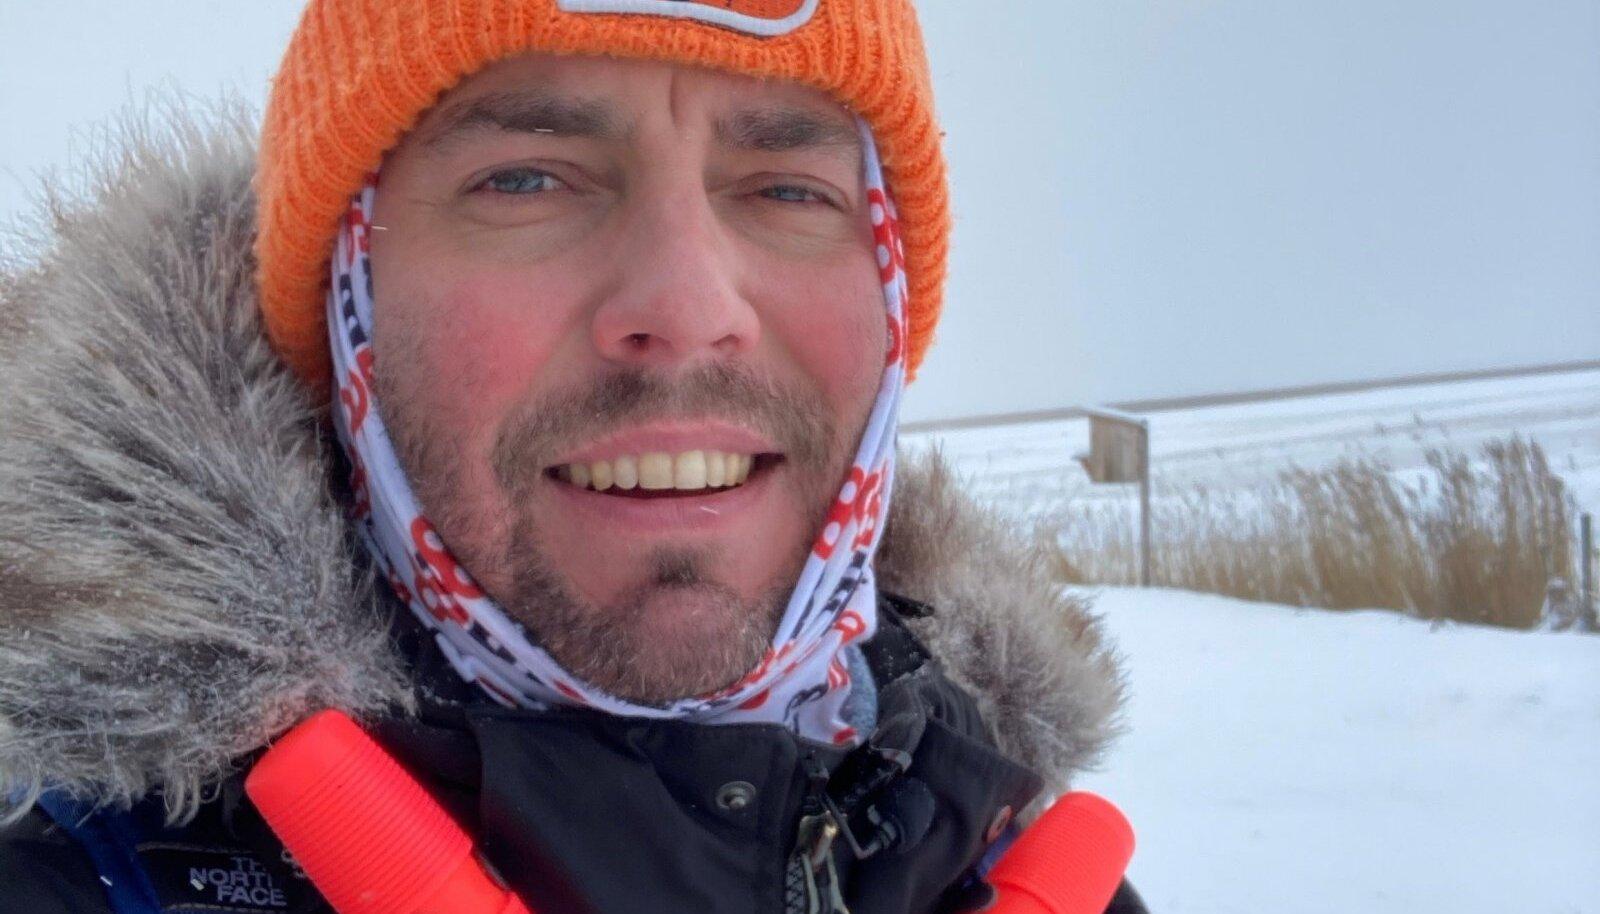 Sel kevadel seikleb Roald Johannson mööda Eestimaad ja tutvustab vaatajatele muu hulgas ka matkapalaviku temaatikat, mis on just koroonast ajendatult päevakorda tõusnud.